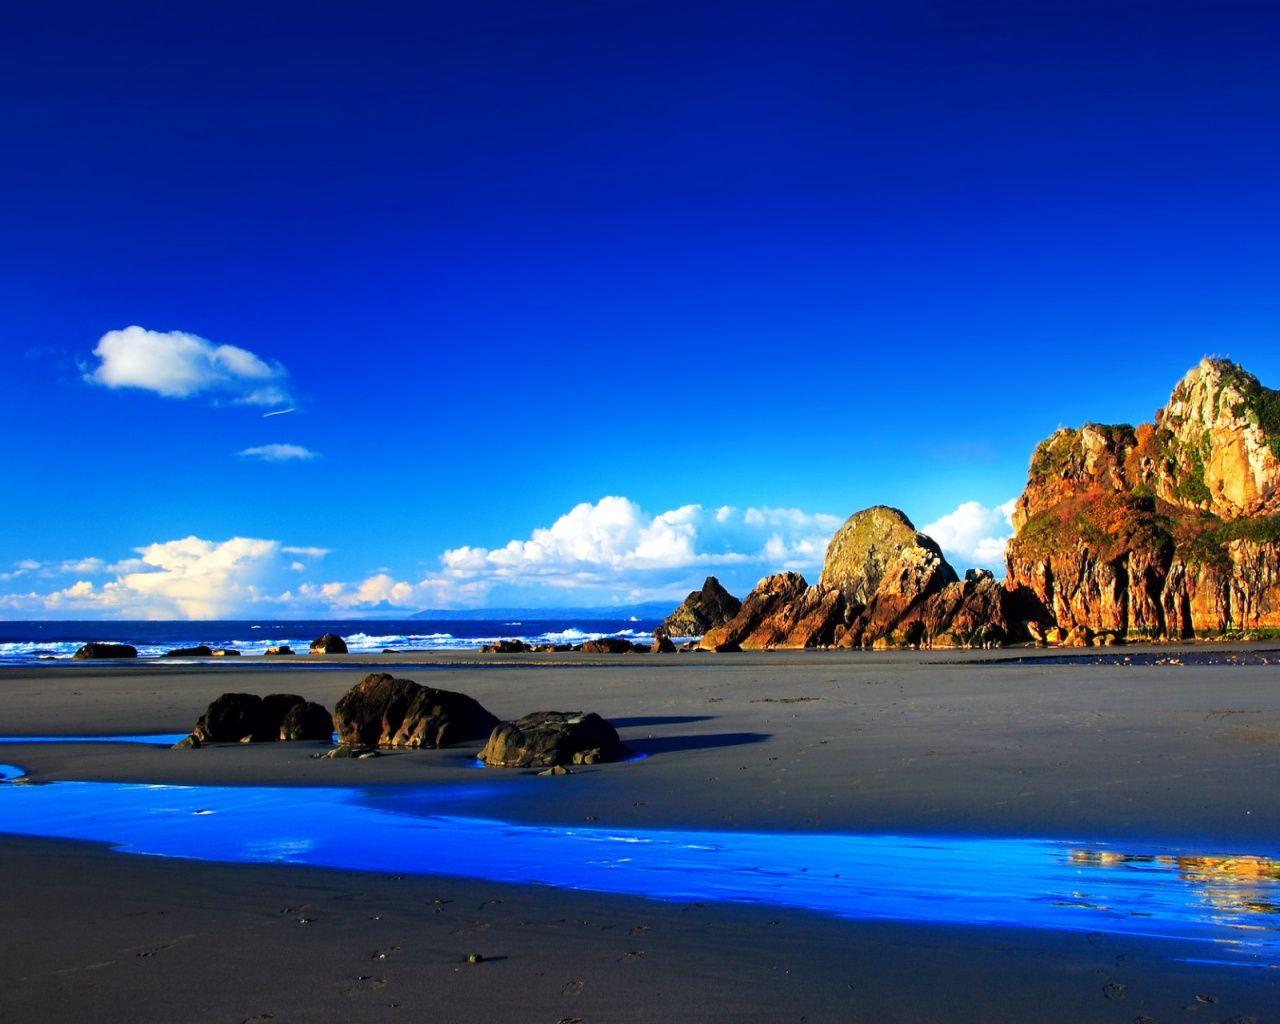 1280x1024 Deep Blue Sky Beach Scenery Scenery Wallpaper Scenery